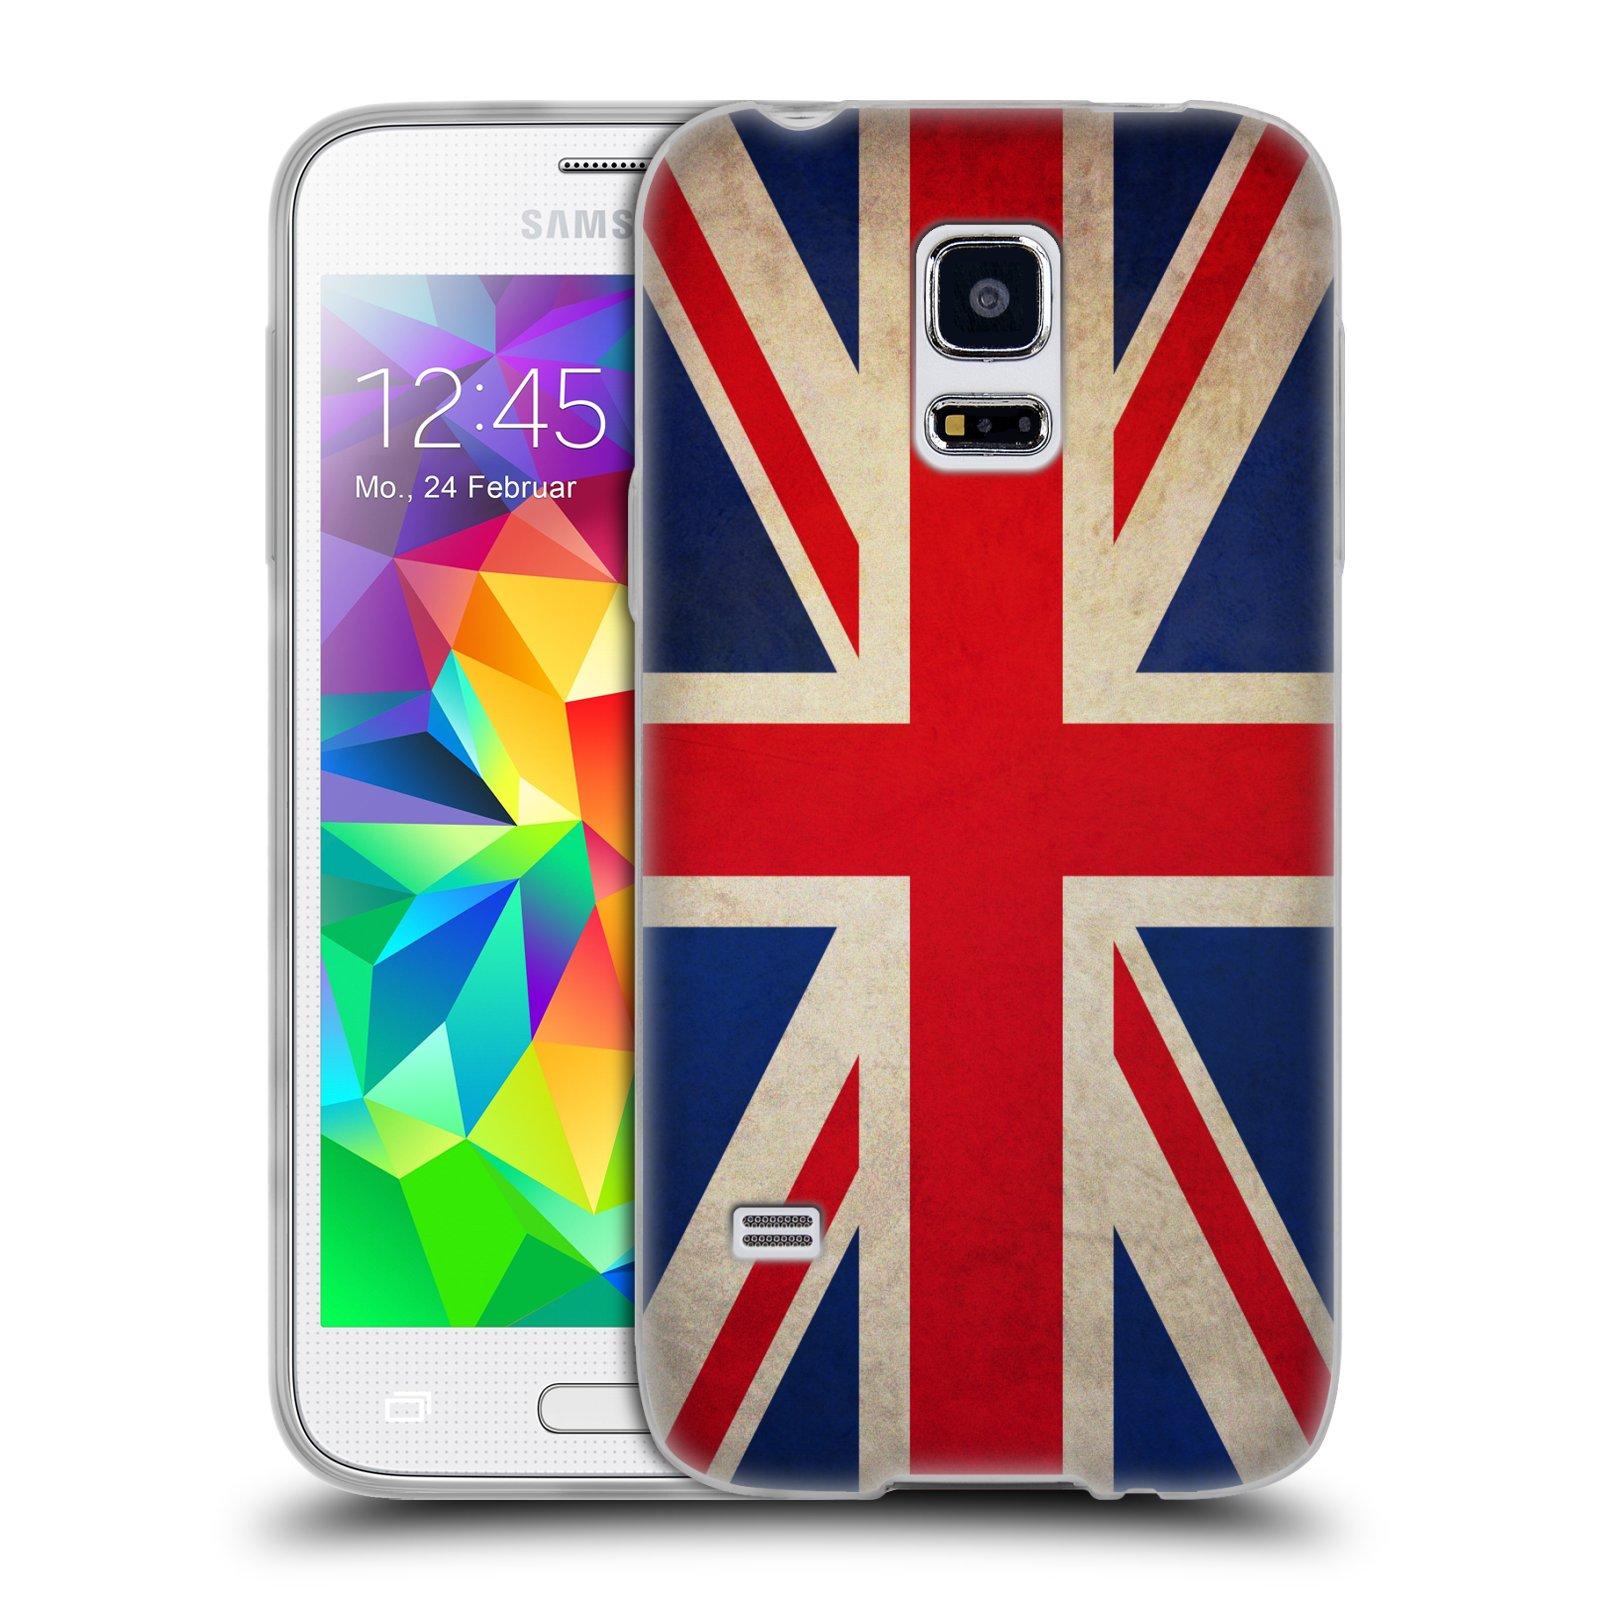 HEAD CASE silikonový obal na mobil Samsung Galaxy S5 MINI vzor VINTAGE VLAJKY VELKÁ BRITÁNIE